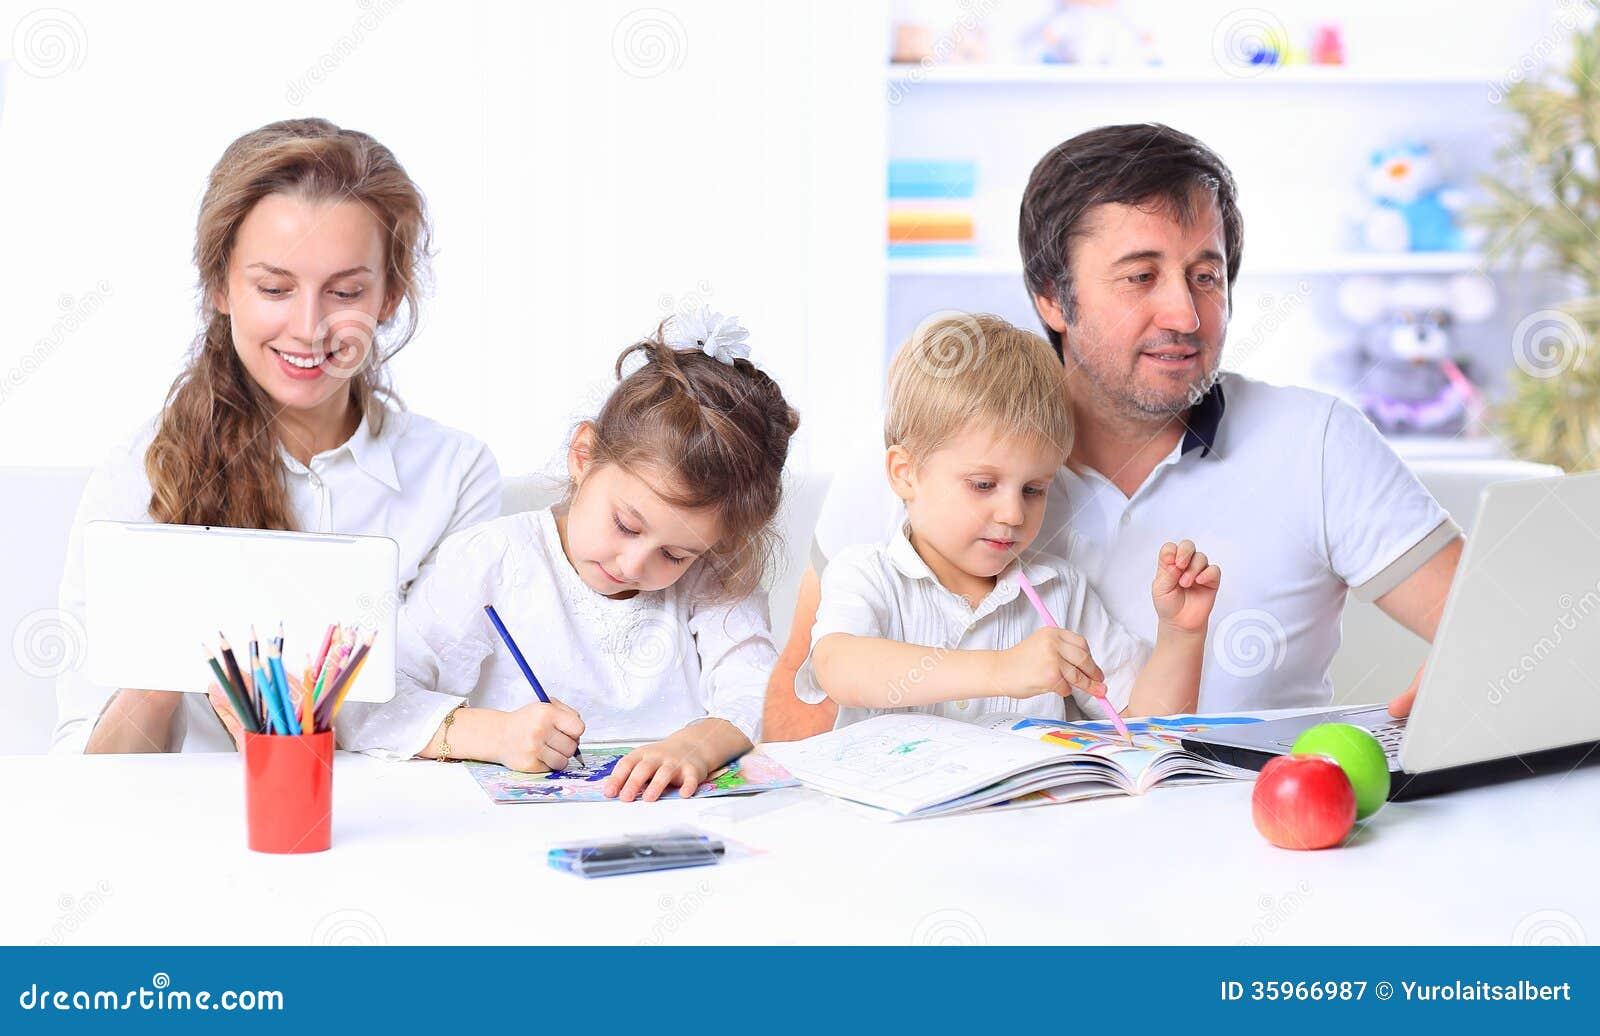 Retrato de una familia alegre